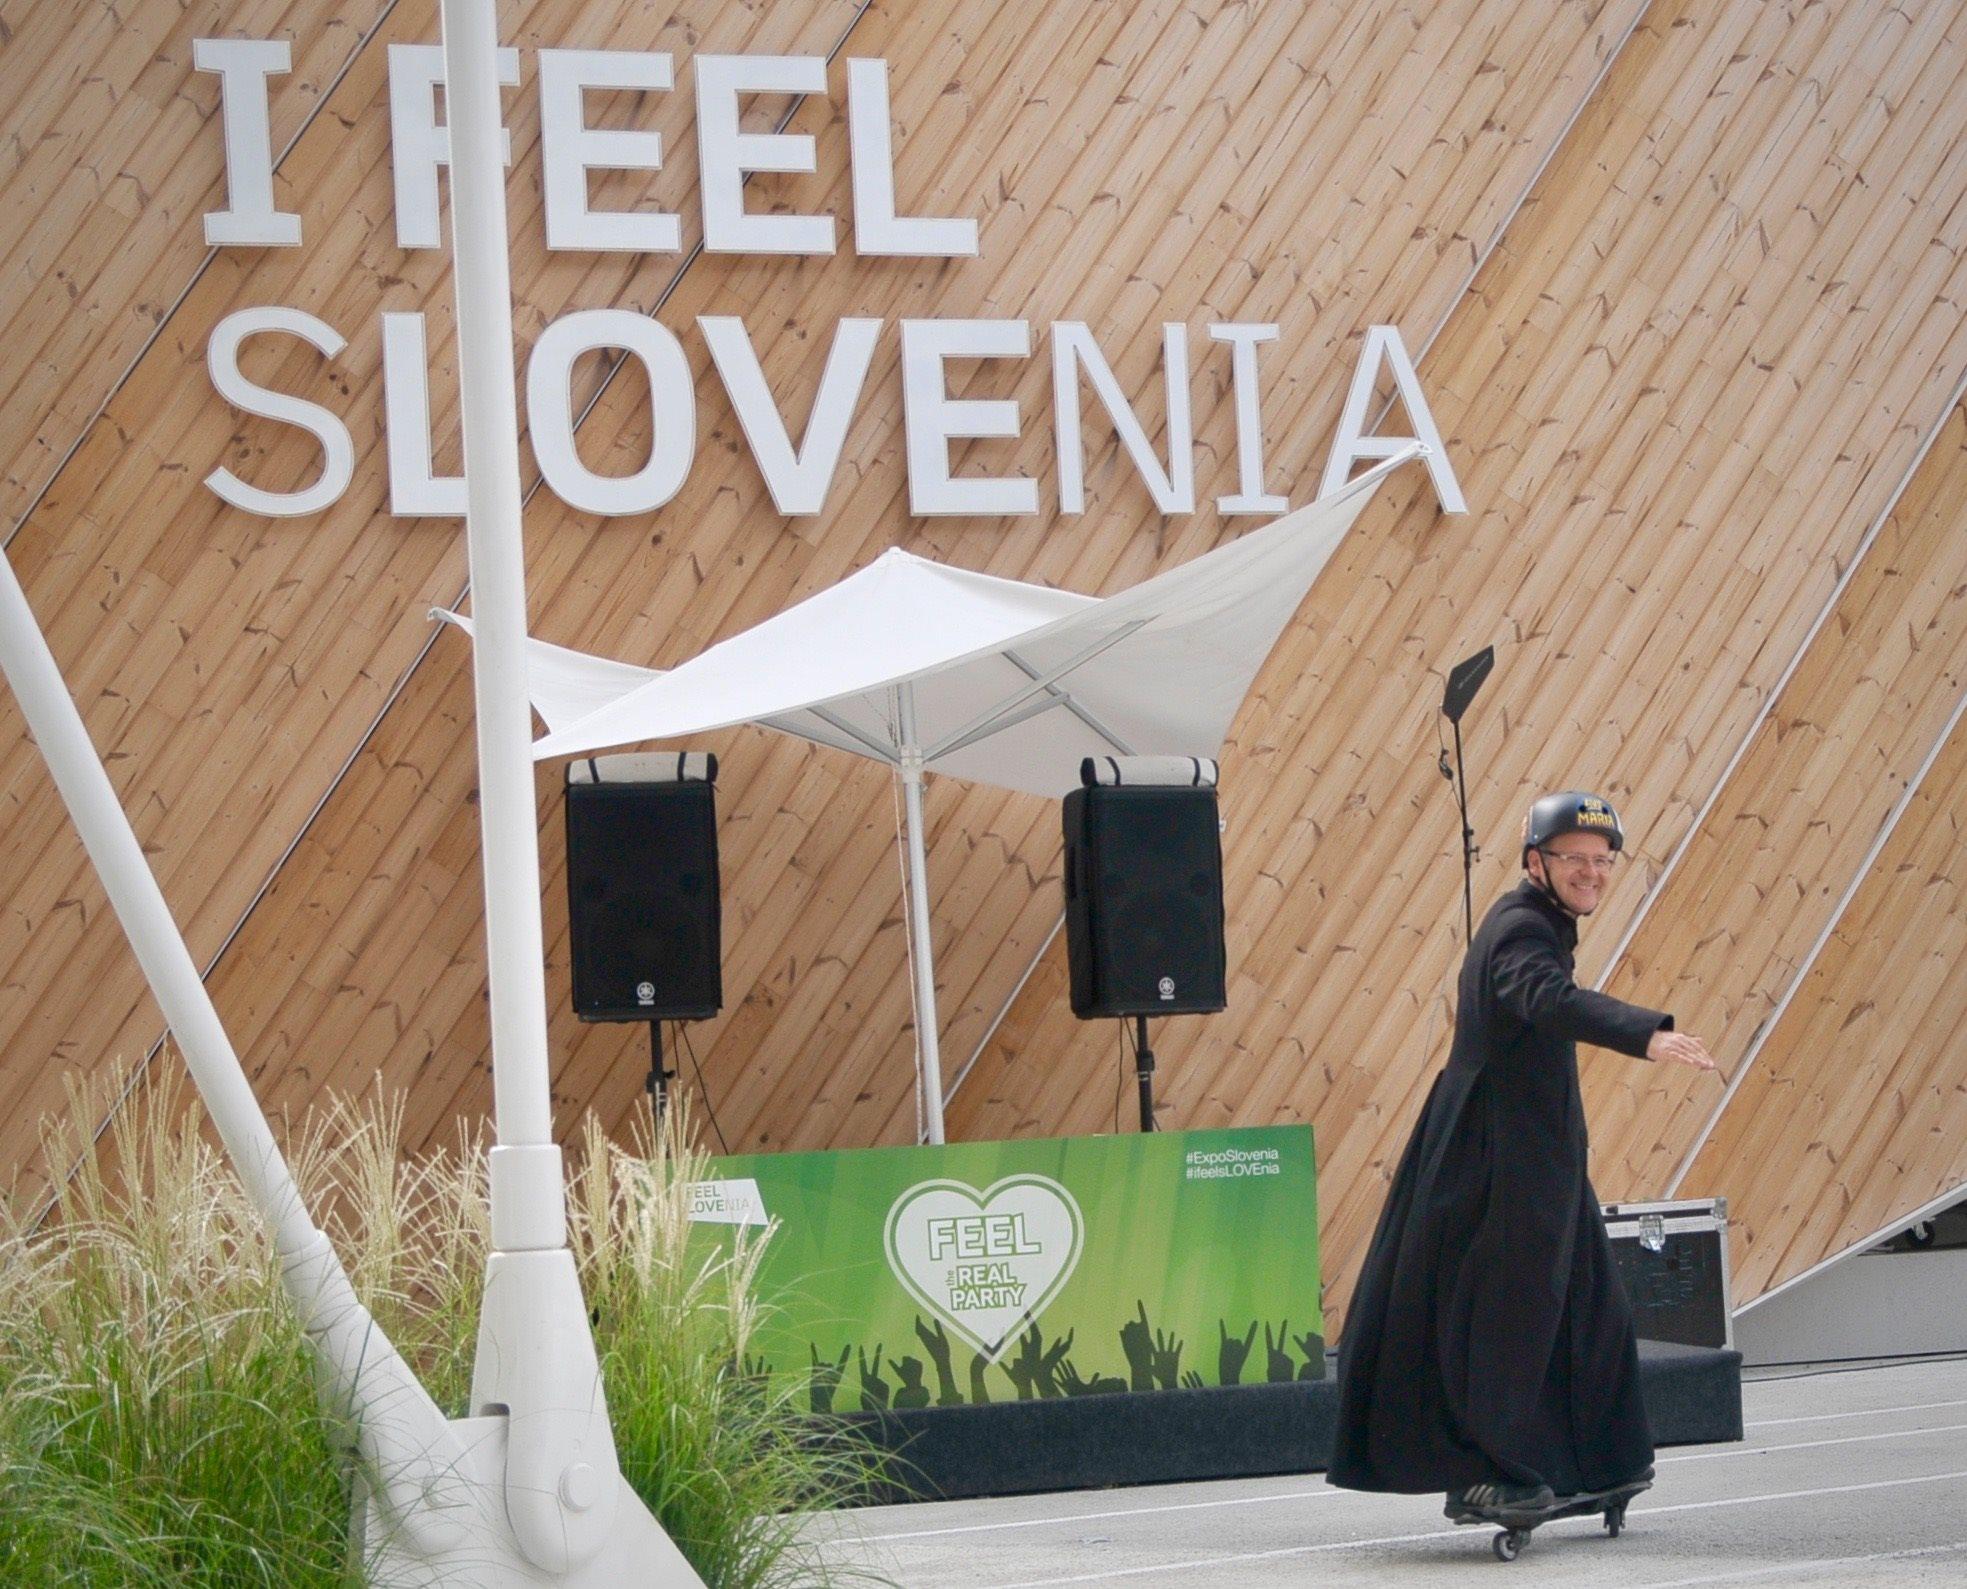 Svoje spretnosti na Varisom skate parku je predstavil rimskokatoliški duhovnik Lendvai Zoltan; foto: Spirit Slovenija